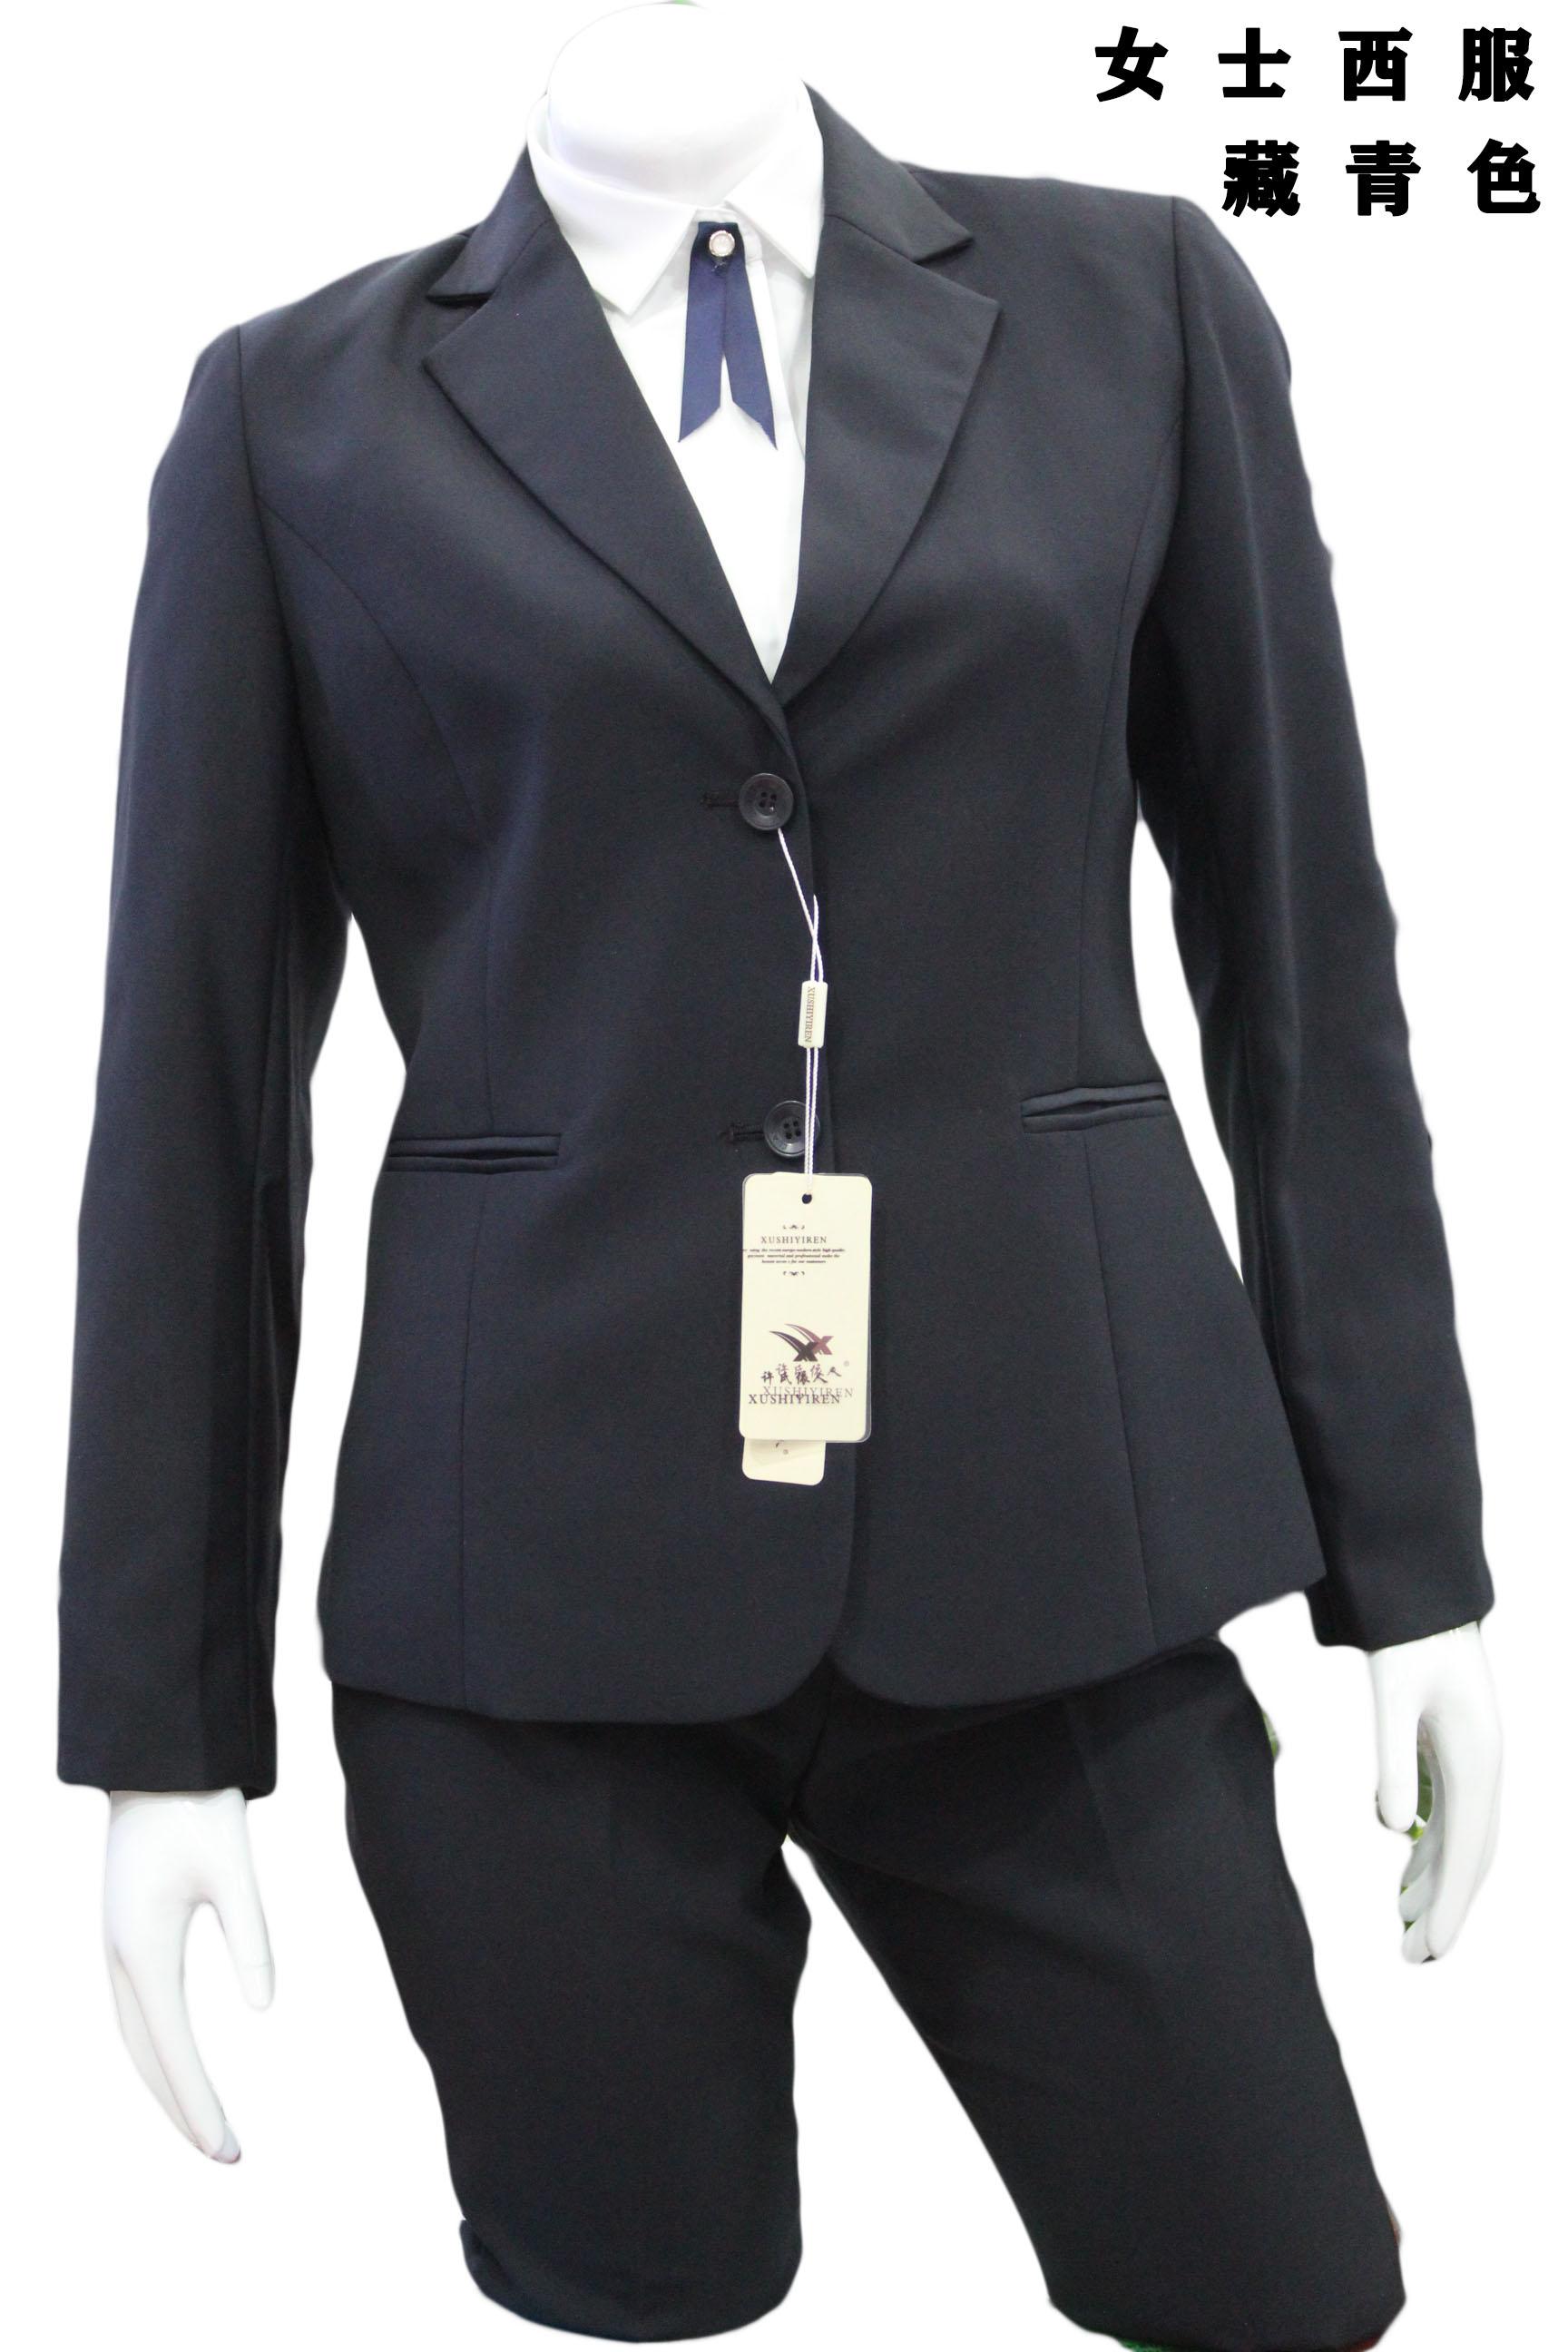 许氏依人女士职业装纯色韩版时尚修身款通勤工服小西服套装西装